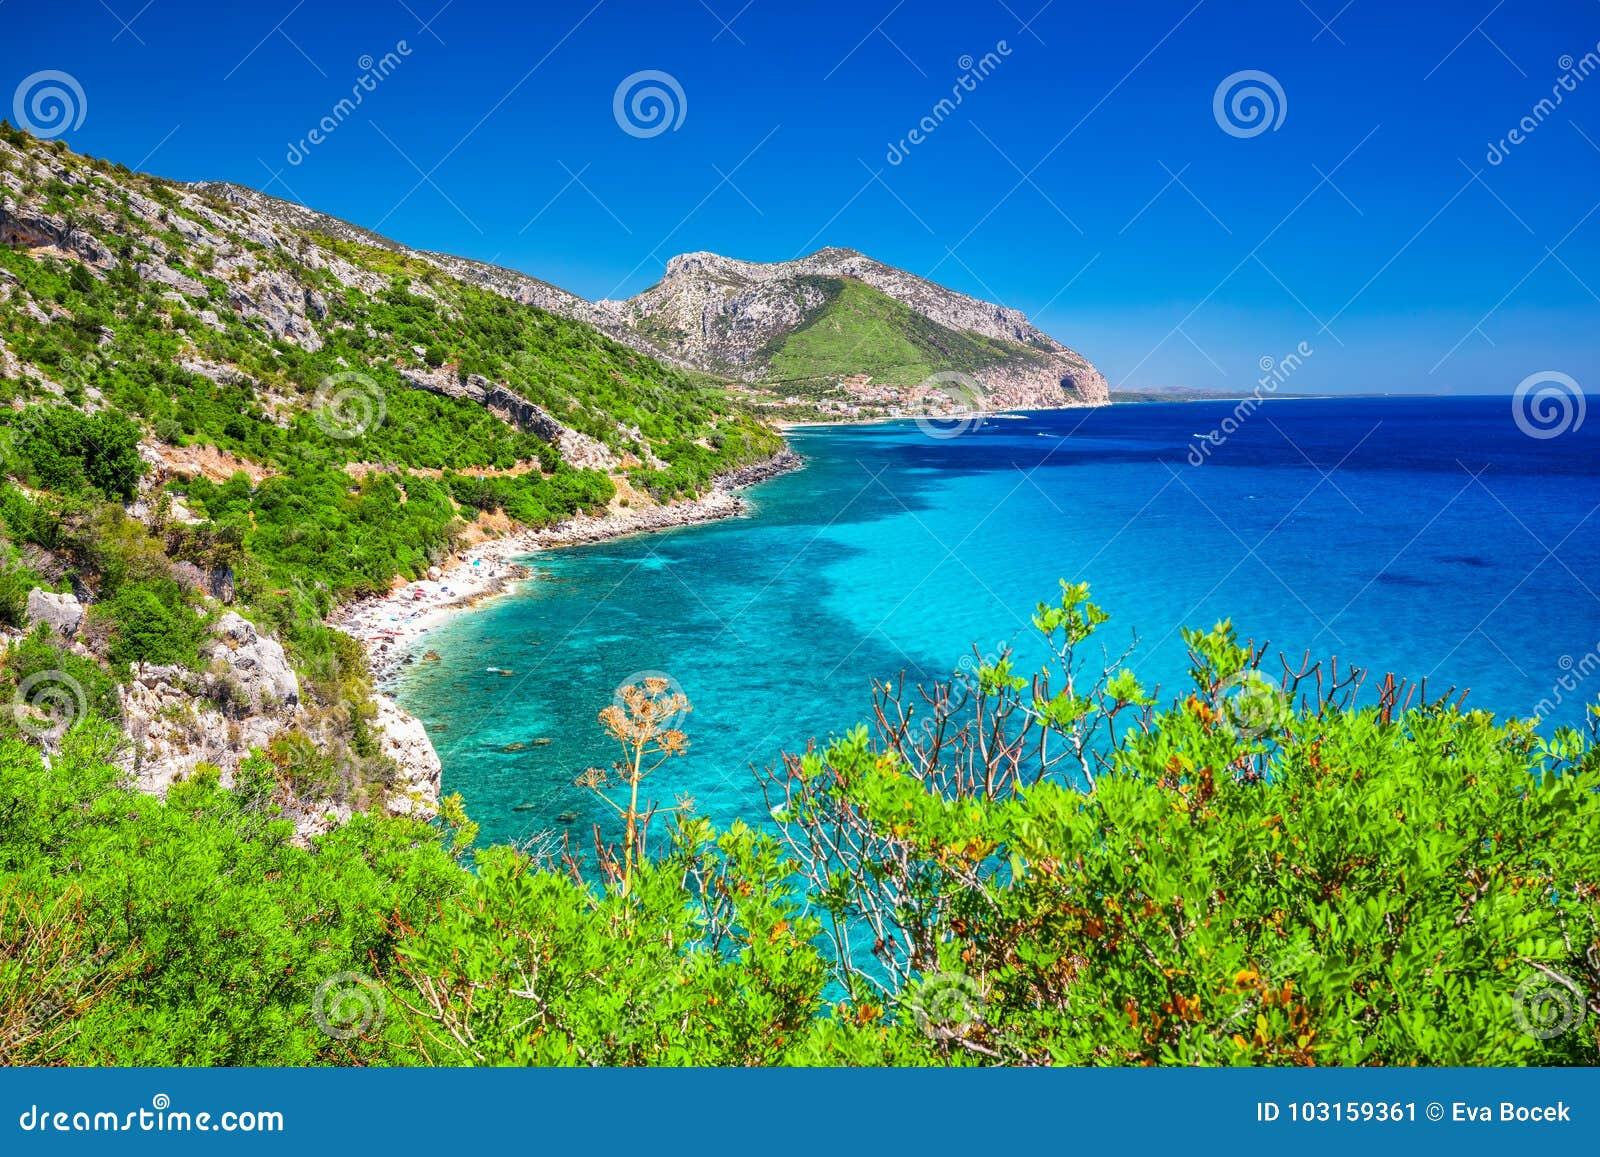 La costa costa de Cerdeña cerca de la playa de Cala Fuili localizó apenas encima de la costa de Cala Gonone, Cerdeña, Italia